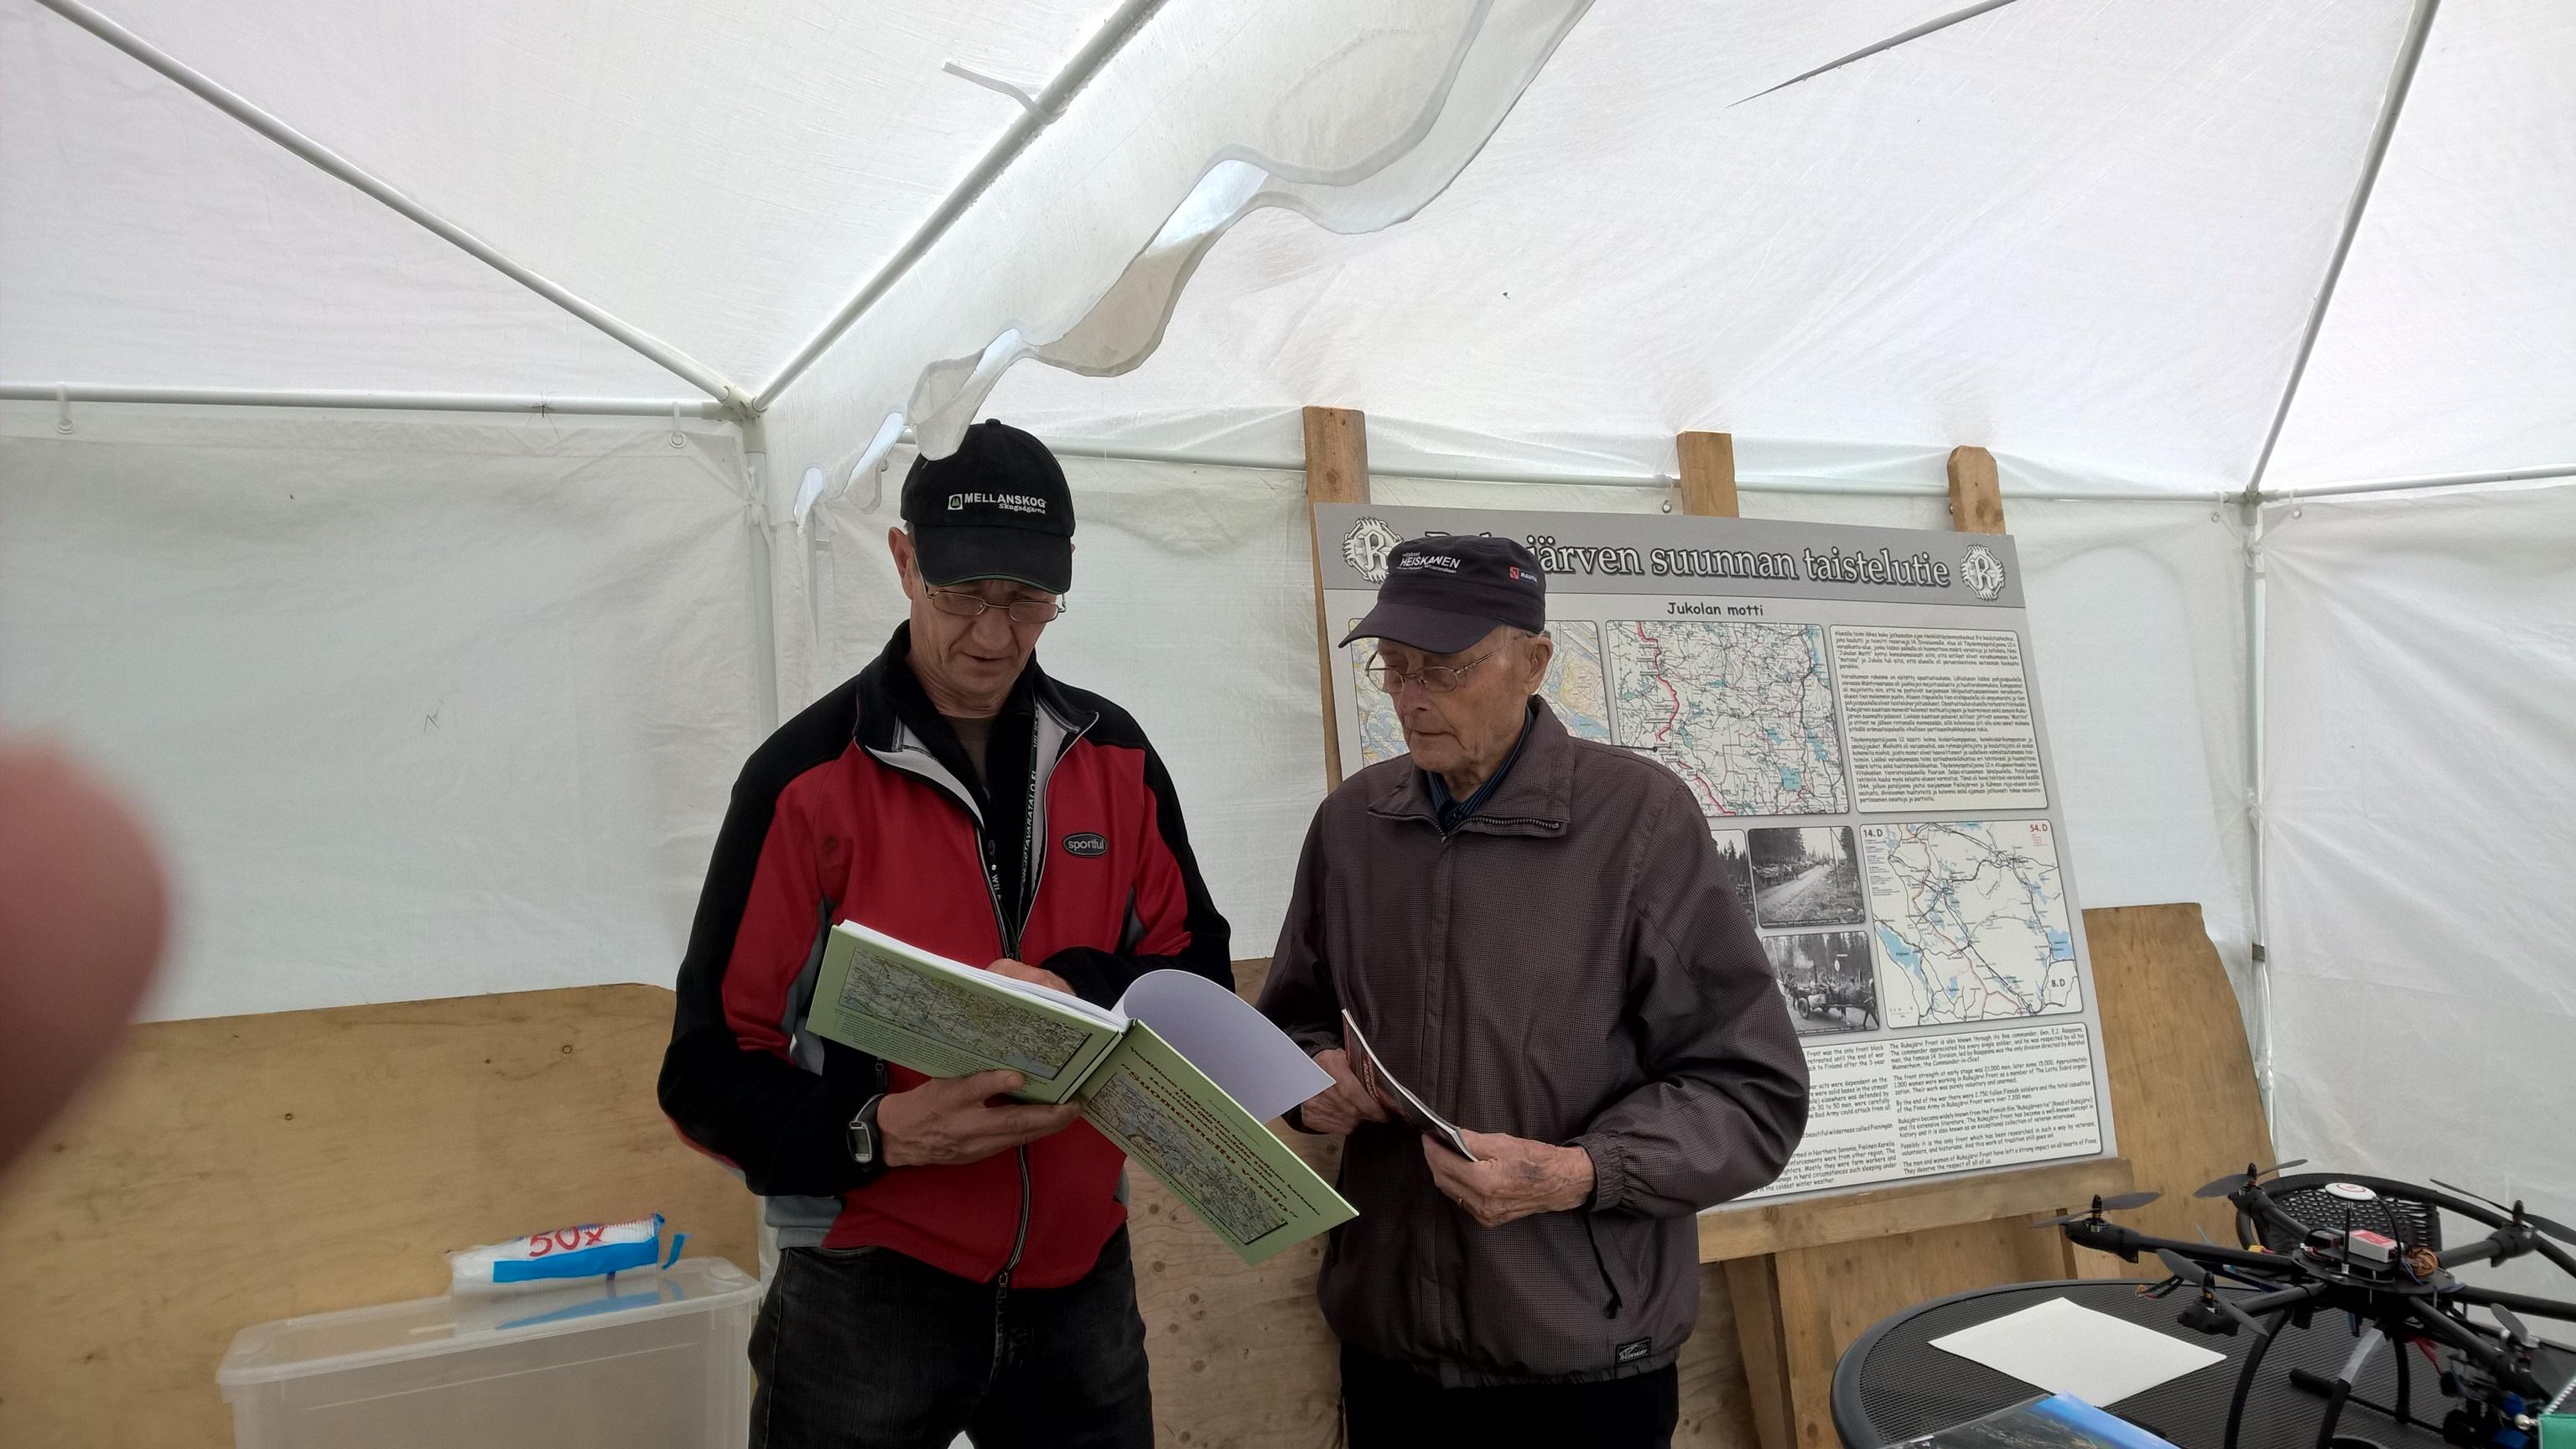 Yhdistyksen osastoon tutustui myös Rukajärven veteraani Viljo RAntonen, joka juttelee Ari Komulaisen kanssa.